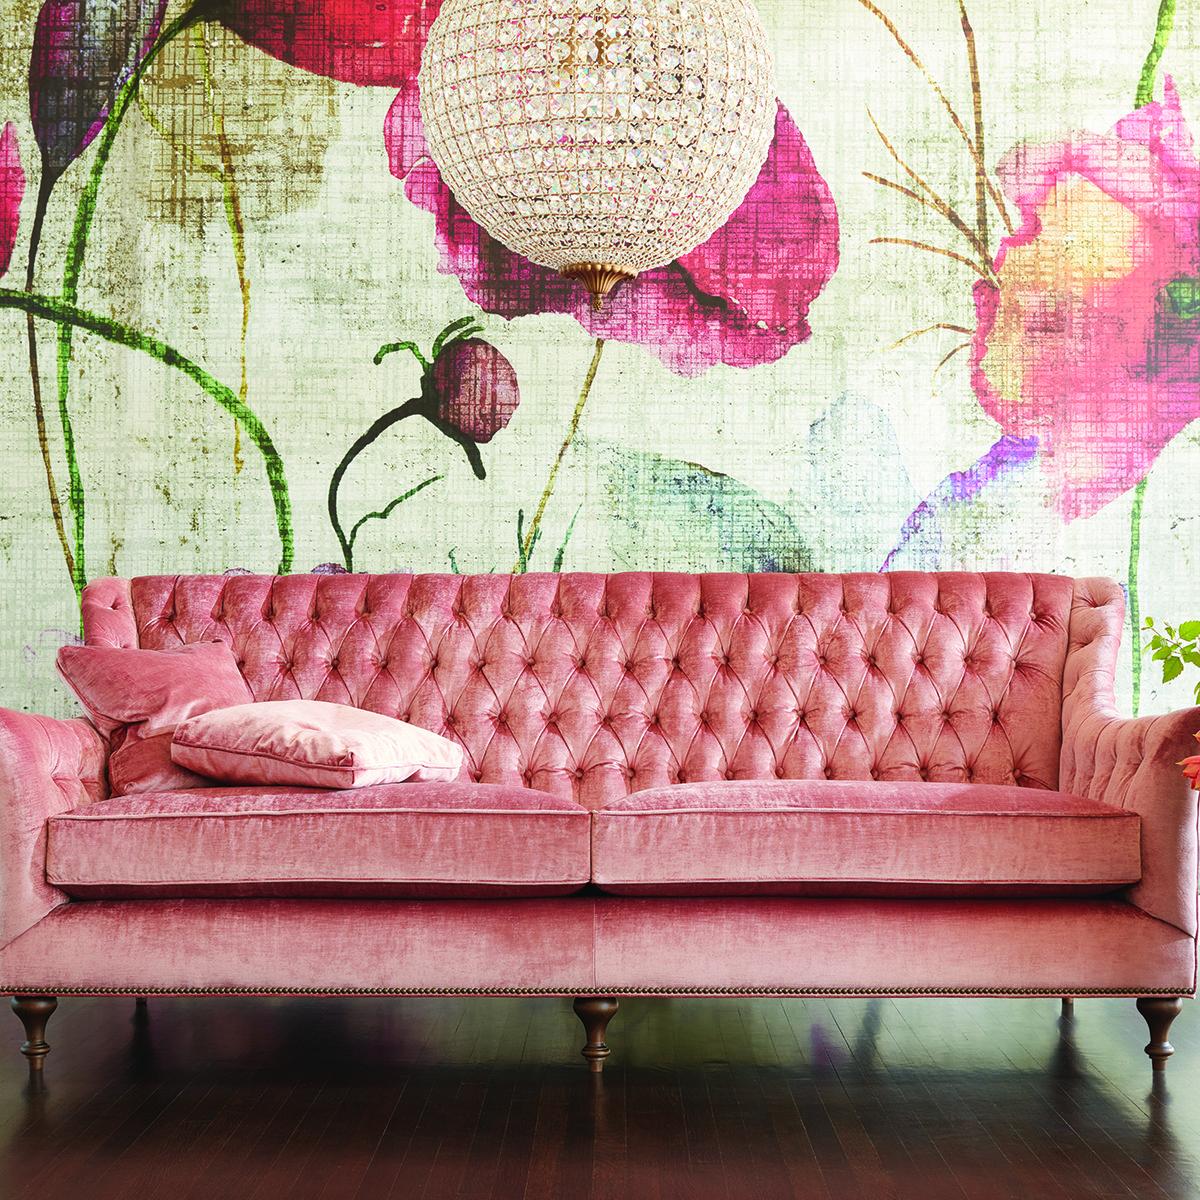 Innenarchitektur wohnzimmerfarbe our fiona sofa is pretty in pink  vintage alles in rosa in